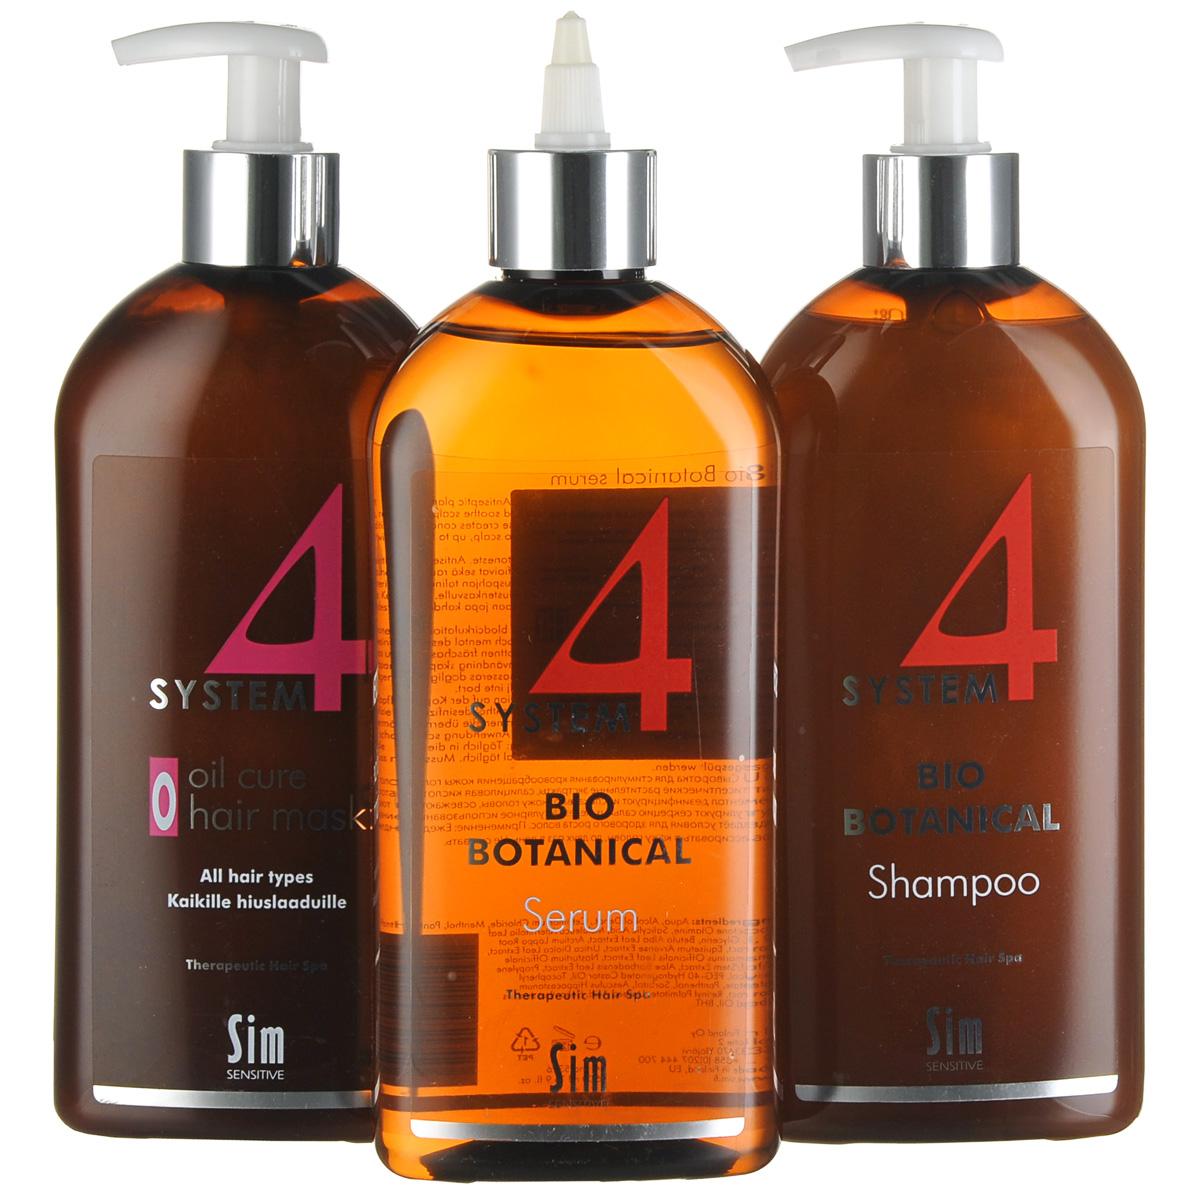 SIM SENSITIVE МАКСИ Комплекс от выпадения волос SYSTEM 4 : Био Ботанический шампунь SYSTEM 4 (500мл), Био Ботаническую сыворотку SYSTEM 4 (500мл), Терапевт. маскаО SYSTEM 4 (500мл), маленький пакет50404ОСТАНАВЛИВАЕТ ВЫПАДЕНИЕ ВОЛОС СОЗДАЕТ УСЛОВИЯ ДЛЯ РОСТА НОВЫХ ЗДОРОВЫХ ВОЛОС ПИТАЕТ ВОЛОСЯНЫЕ ЛУКОВИЦЫ И НОРМАЛИЗУЕТ МИКРОЦИРКУЛЯЦИЮ КОЖИ ГОЛОВЫ Трихологами доказано, что в борьбе с выпадением волос решающим фактором является время. Если вы игнорируете симптомы болезни и затягиваете с профессиональным лечением, то вы рискуете потерять волосяные покровы безвозвратно. Комплекс от выпадения волос «Систем 4» включает средства, работающие в 3 этапа: Этап 1. Глубокое очищение кожи головы Этап 2. Насыщение волосяных луковиц питательными веществами Этап 3. Стимуляция роста новых здоровых волос Эффективность комплекса подтверждена ведущими дерматологами и три- хологами России* НАЧНИТЕ ТЕРАПИЮ С «СИСТЕМ 4» СЕГОДНЯ И УЖЕ ЧЕРЕЗ 30 ДНЕЙ ВЫ ВЕРНЕТЕ СЕБЕ ЗДОРОВЫЕ ГУСТЫЕ ВОЛОСЫ!* Эффективность комплекса подтверждается научными работами: «Cеборейные формы поредения волос» Бутов Ю.С., Волкова Е.Н., Полеско И.В., Кафедра кожных и венерических болезней с курсом дерматокосметологии ФУВ РГМУ, 2004, «Опыт применения трехкомпонентного наружного лечебного комплекса «Систем 4» для терапии себореи и себорейного дерматита волосистой части головы» В.В.Гладько, С.А.Масюкова, Н.В.Гайдаш, Е.А.Карасев, Кафедра кожных и венерических болезней ГИУВ МО РФ, Москва, 2008, «Обзор методов наружной терапии андрогенетической алопеции», докладчик - ведущий трихолог России Ткачев В.П., 2003.